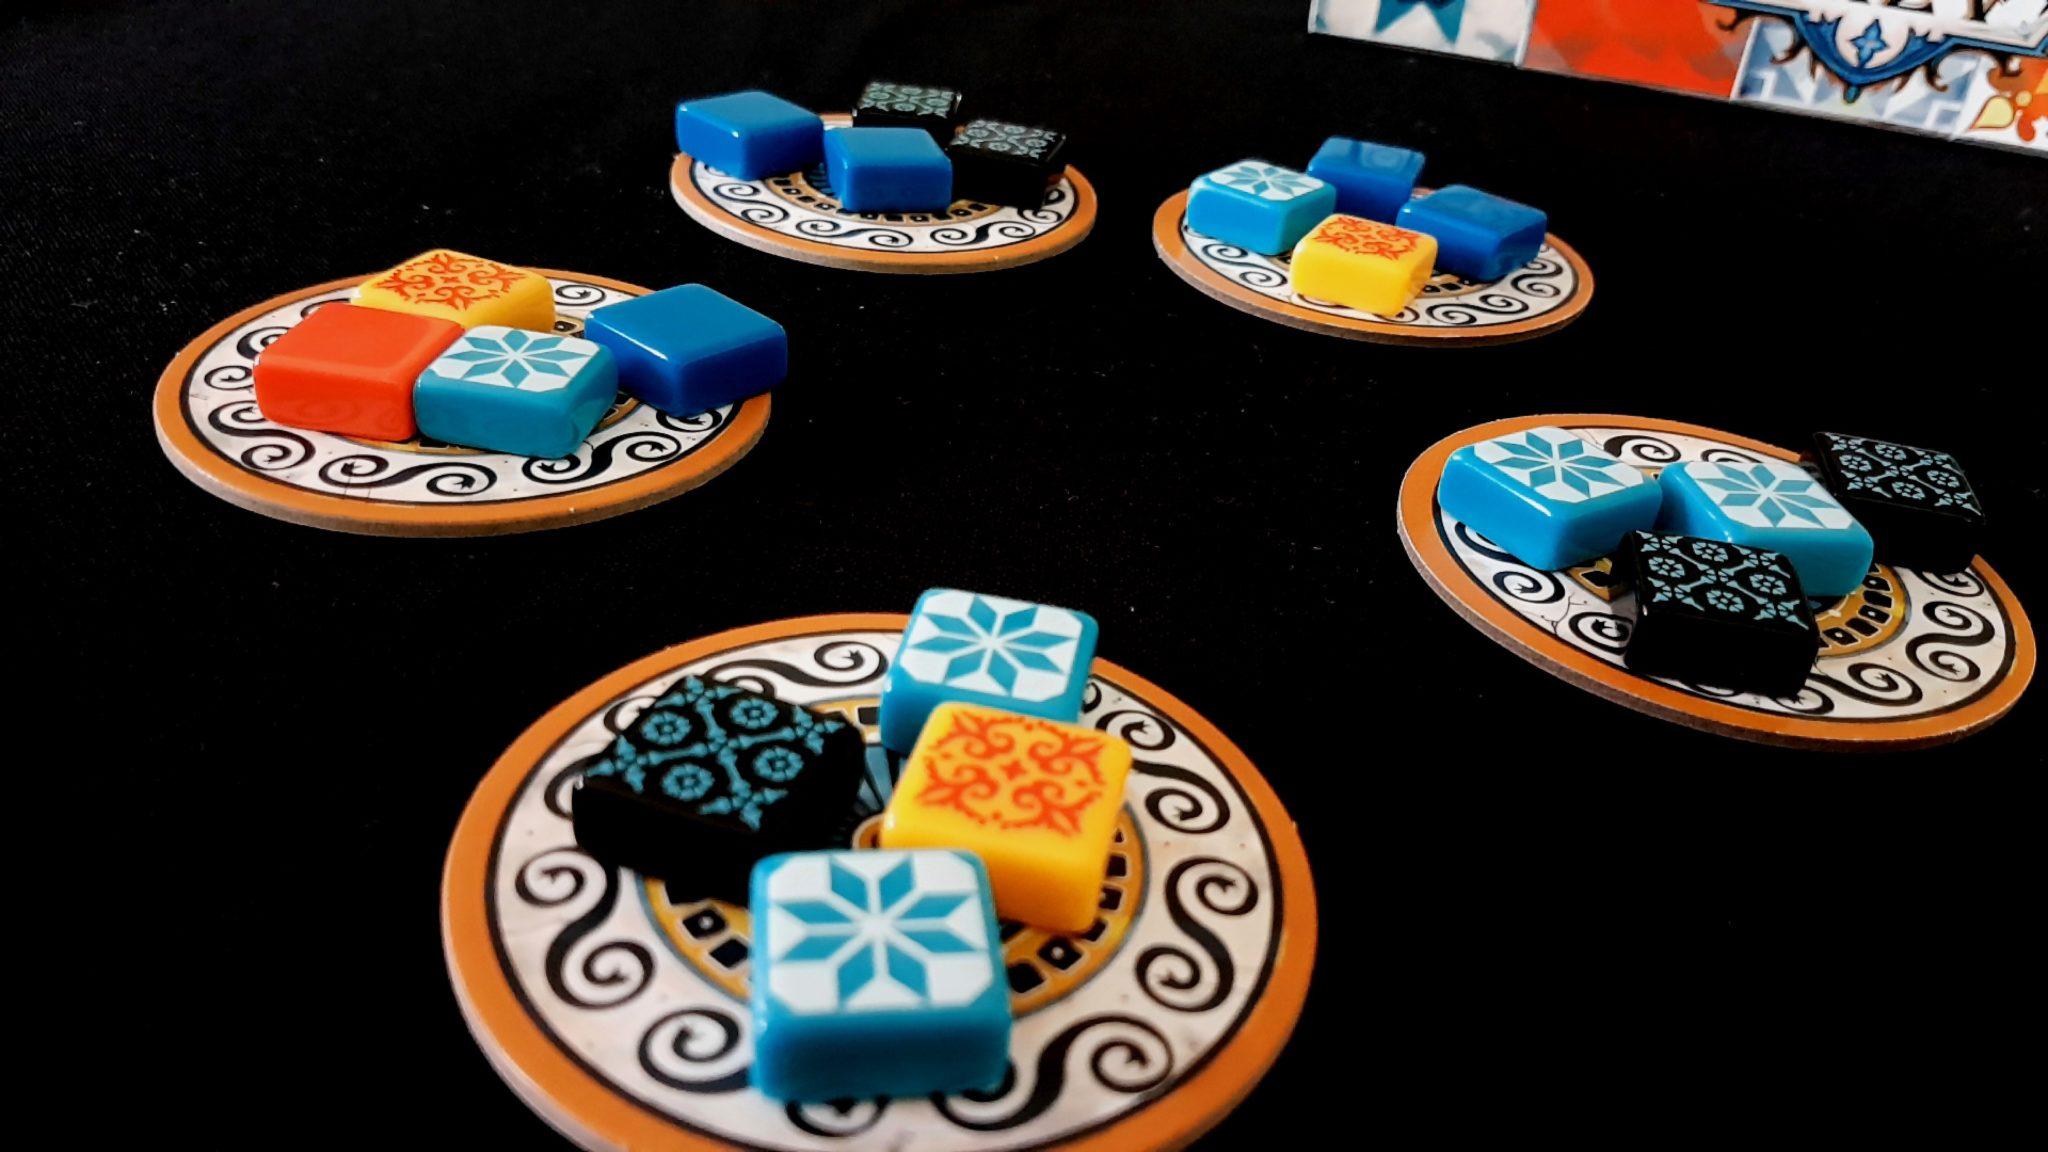 Azul factory displays